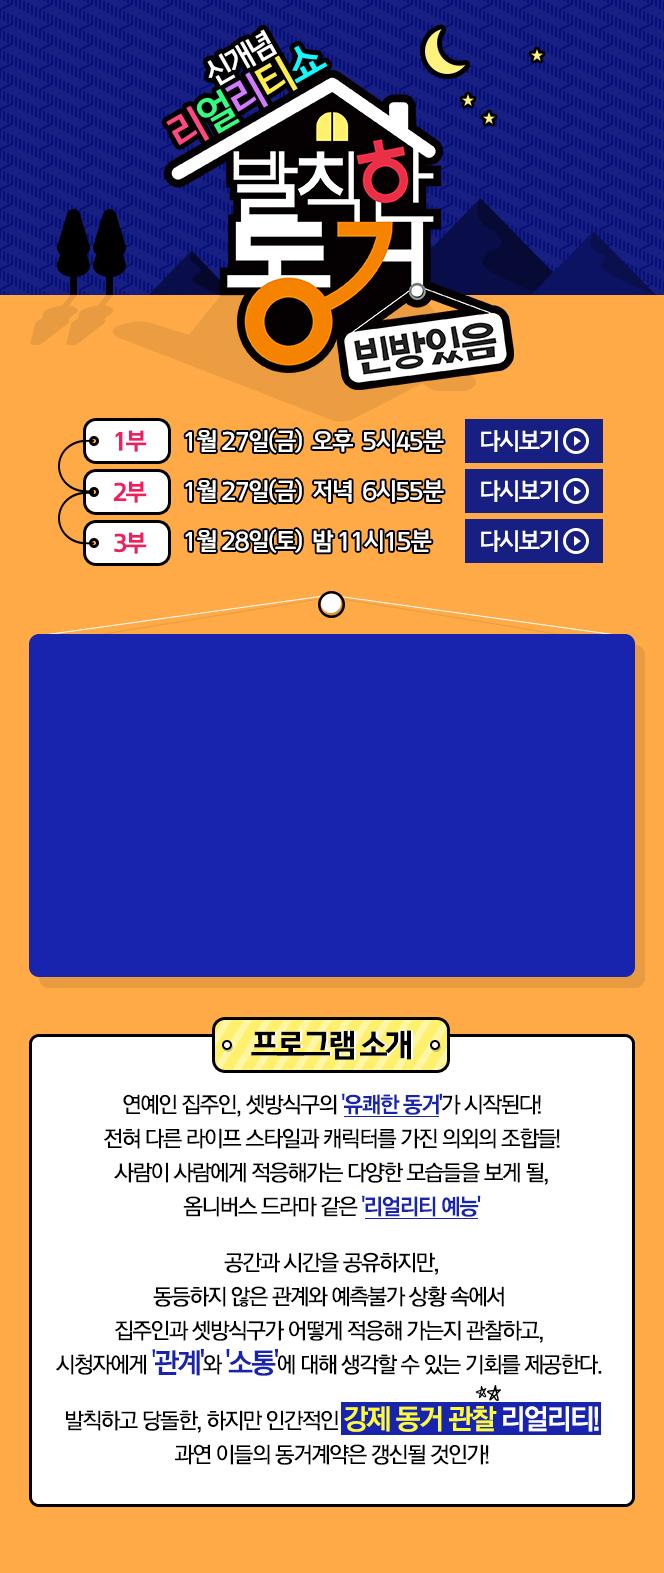 2017 MBC 설특집 발칙한동거